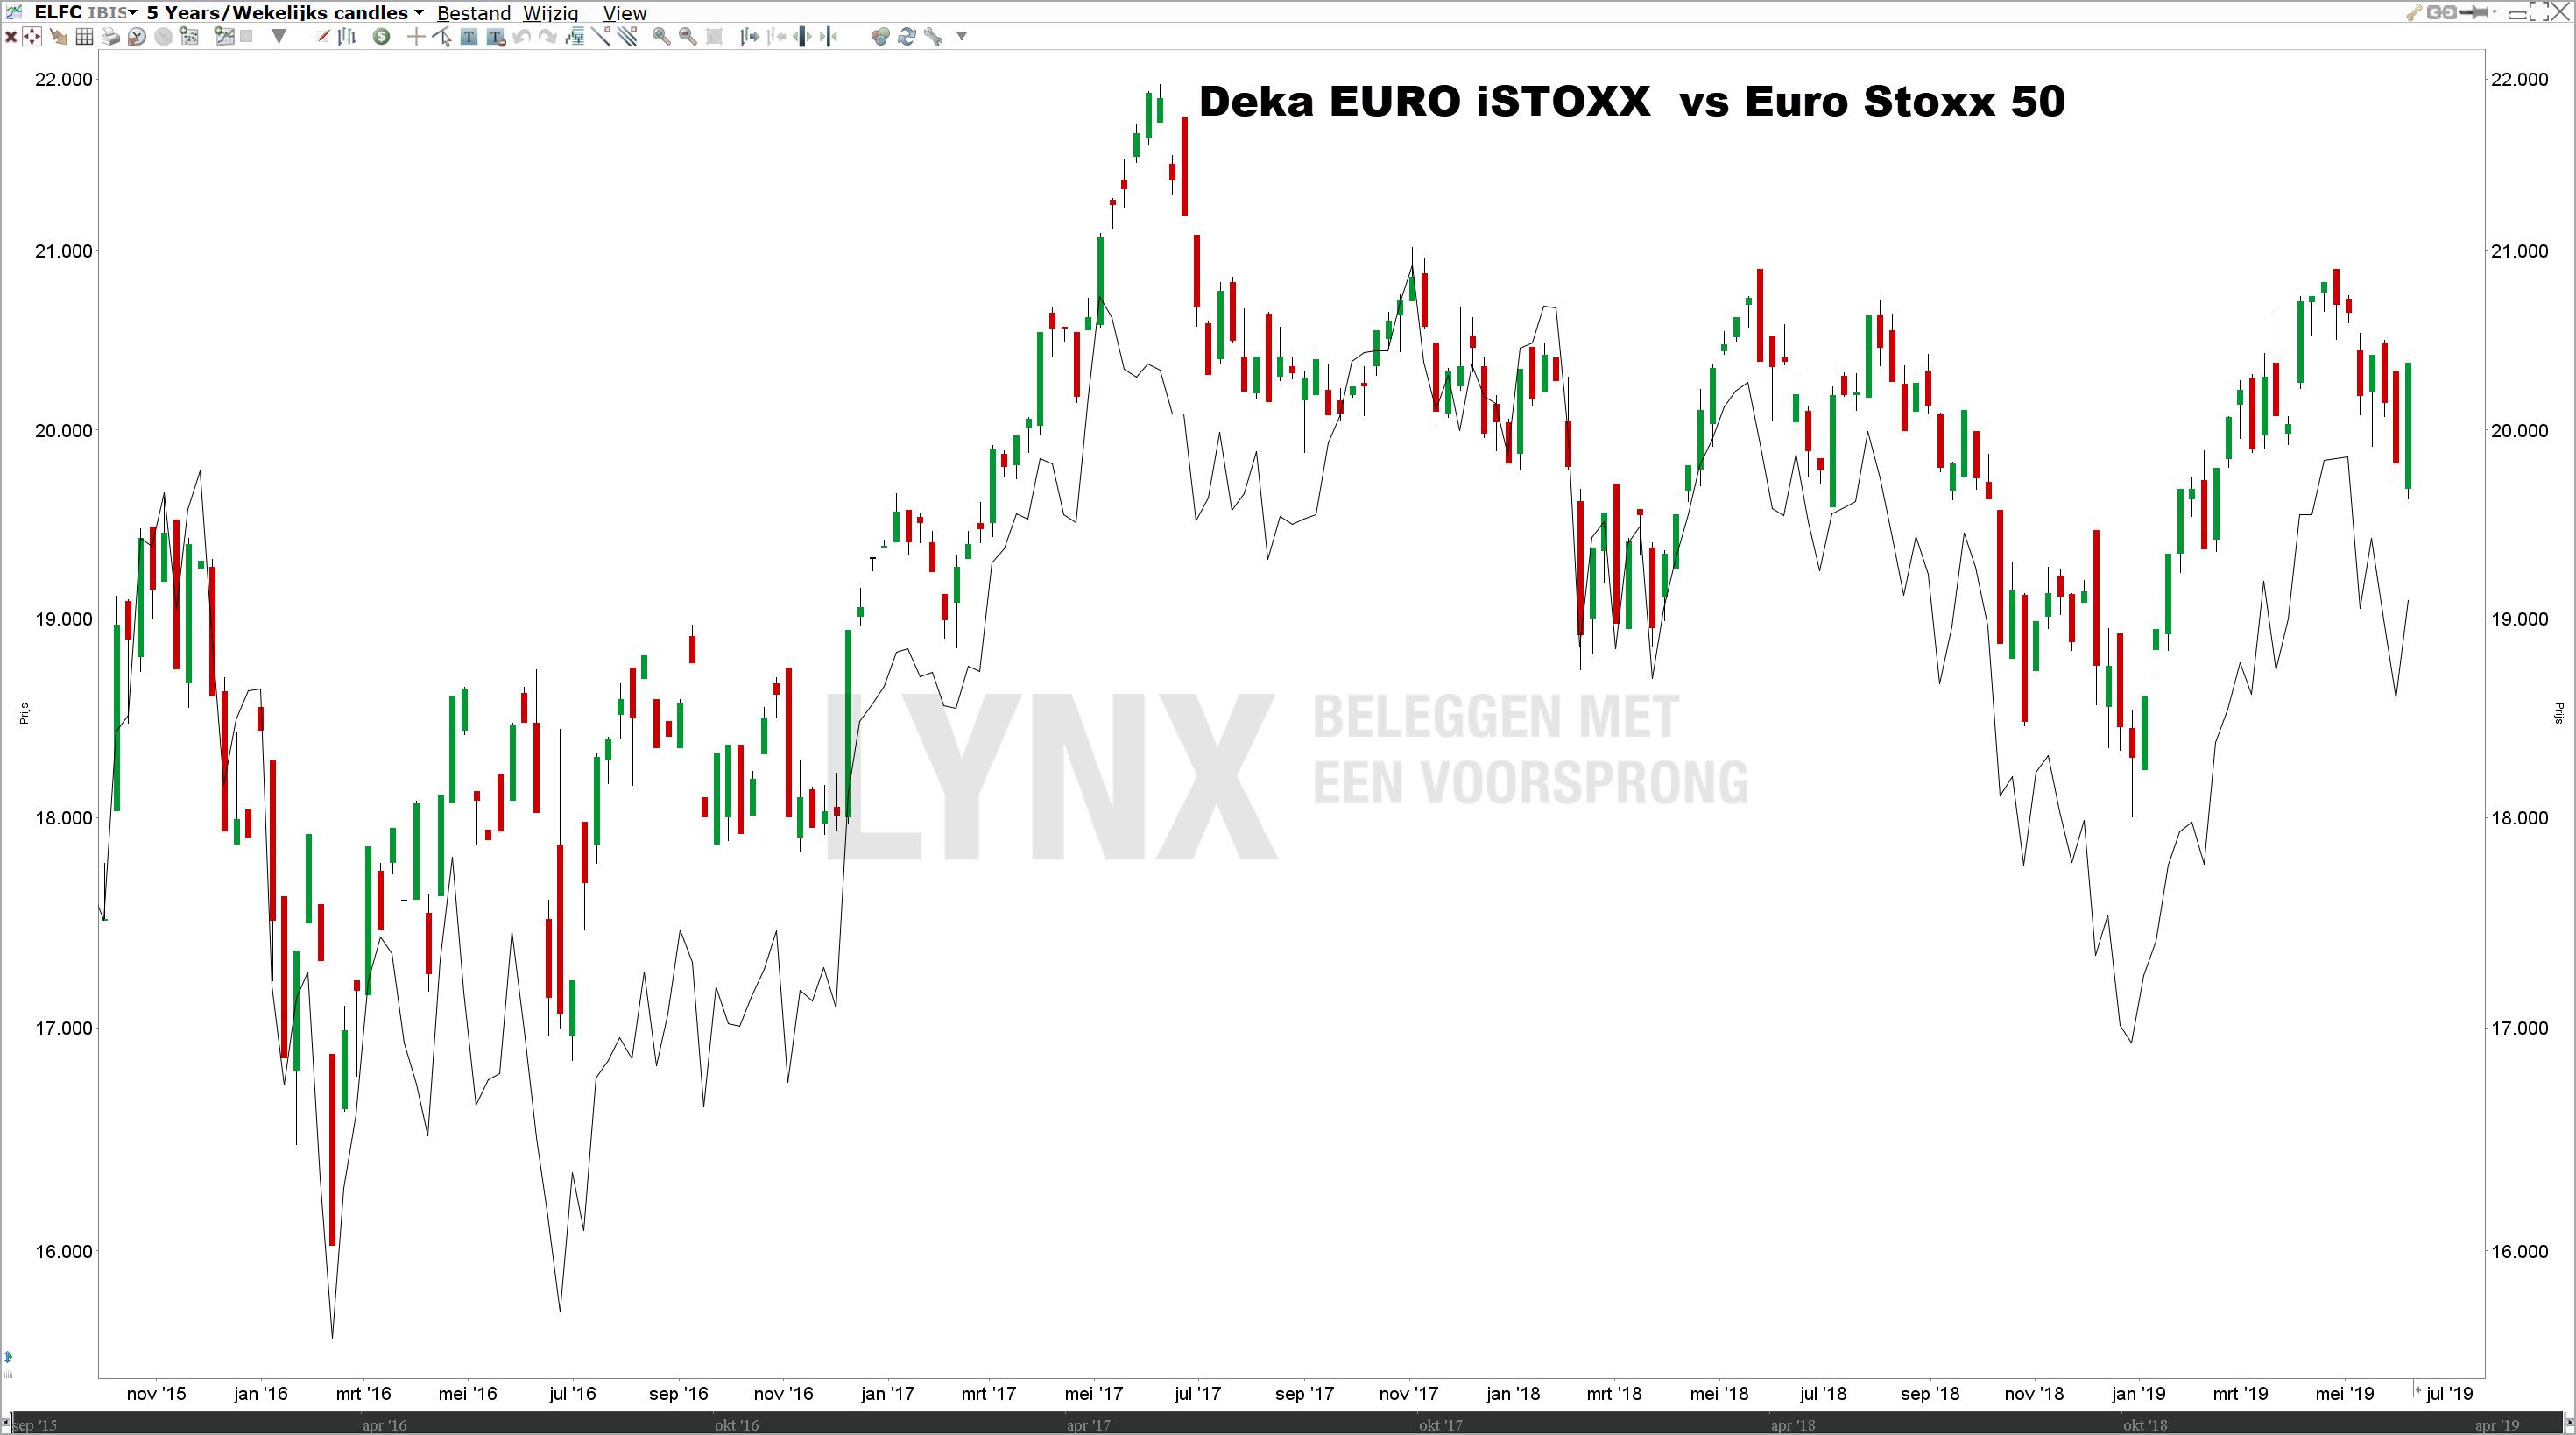 Beste dividend ETF Deka Euro iStoxx